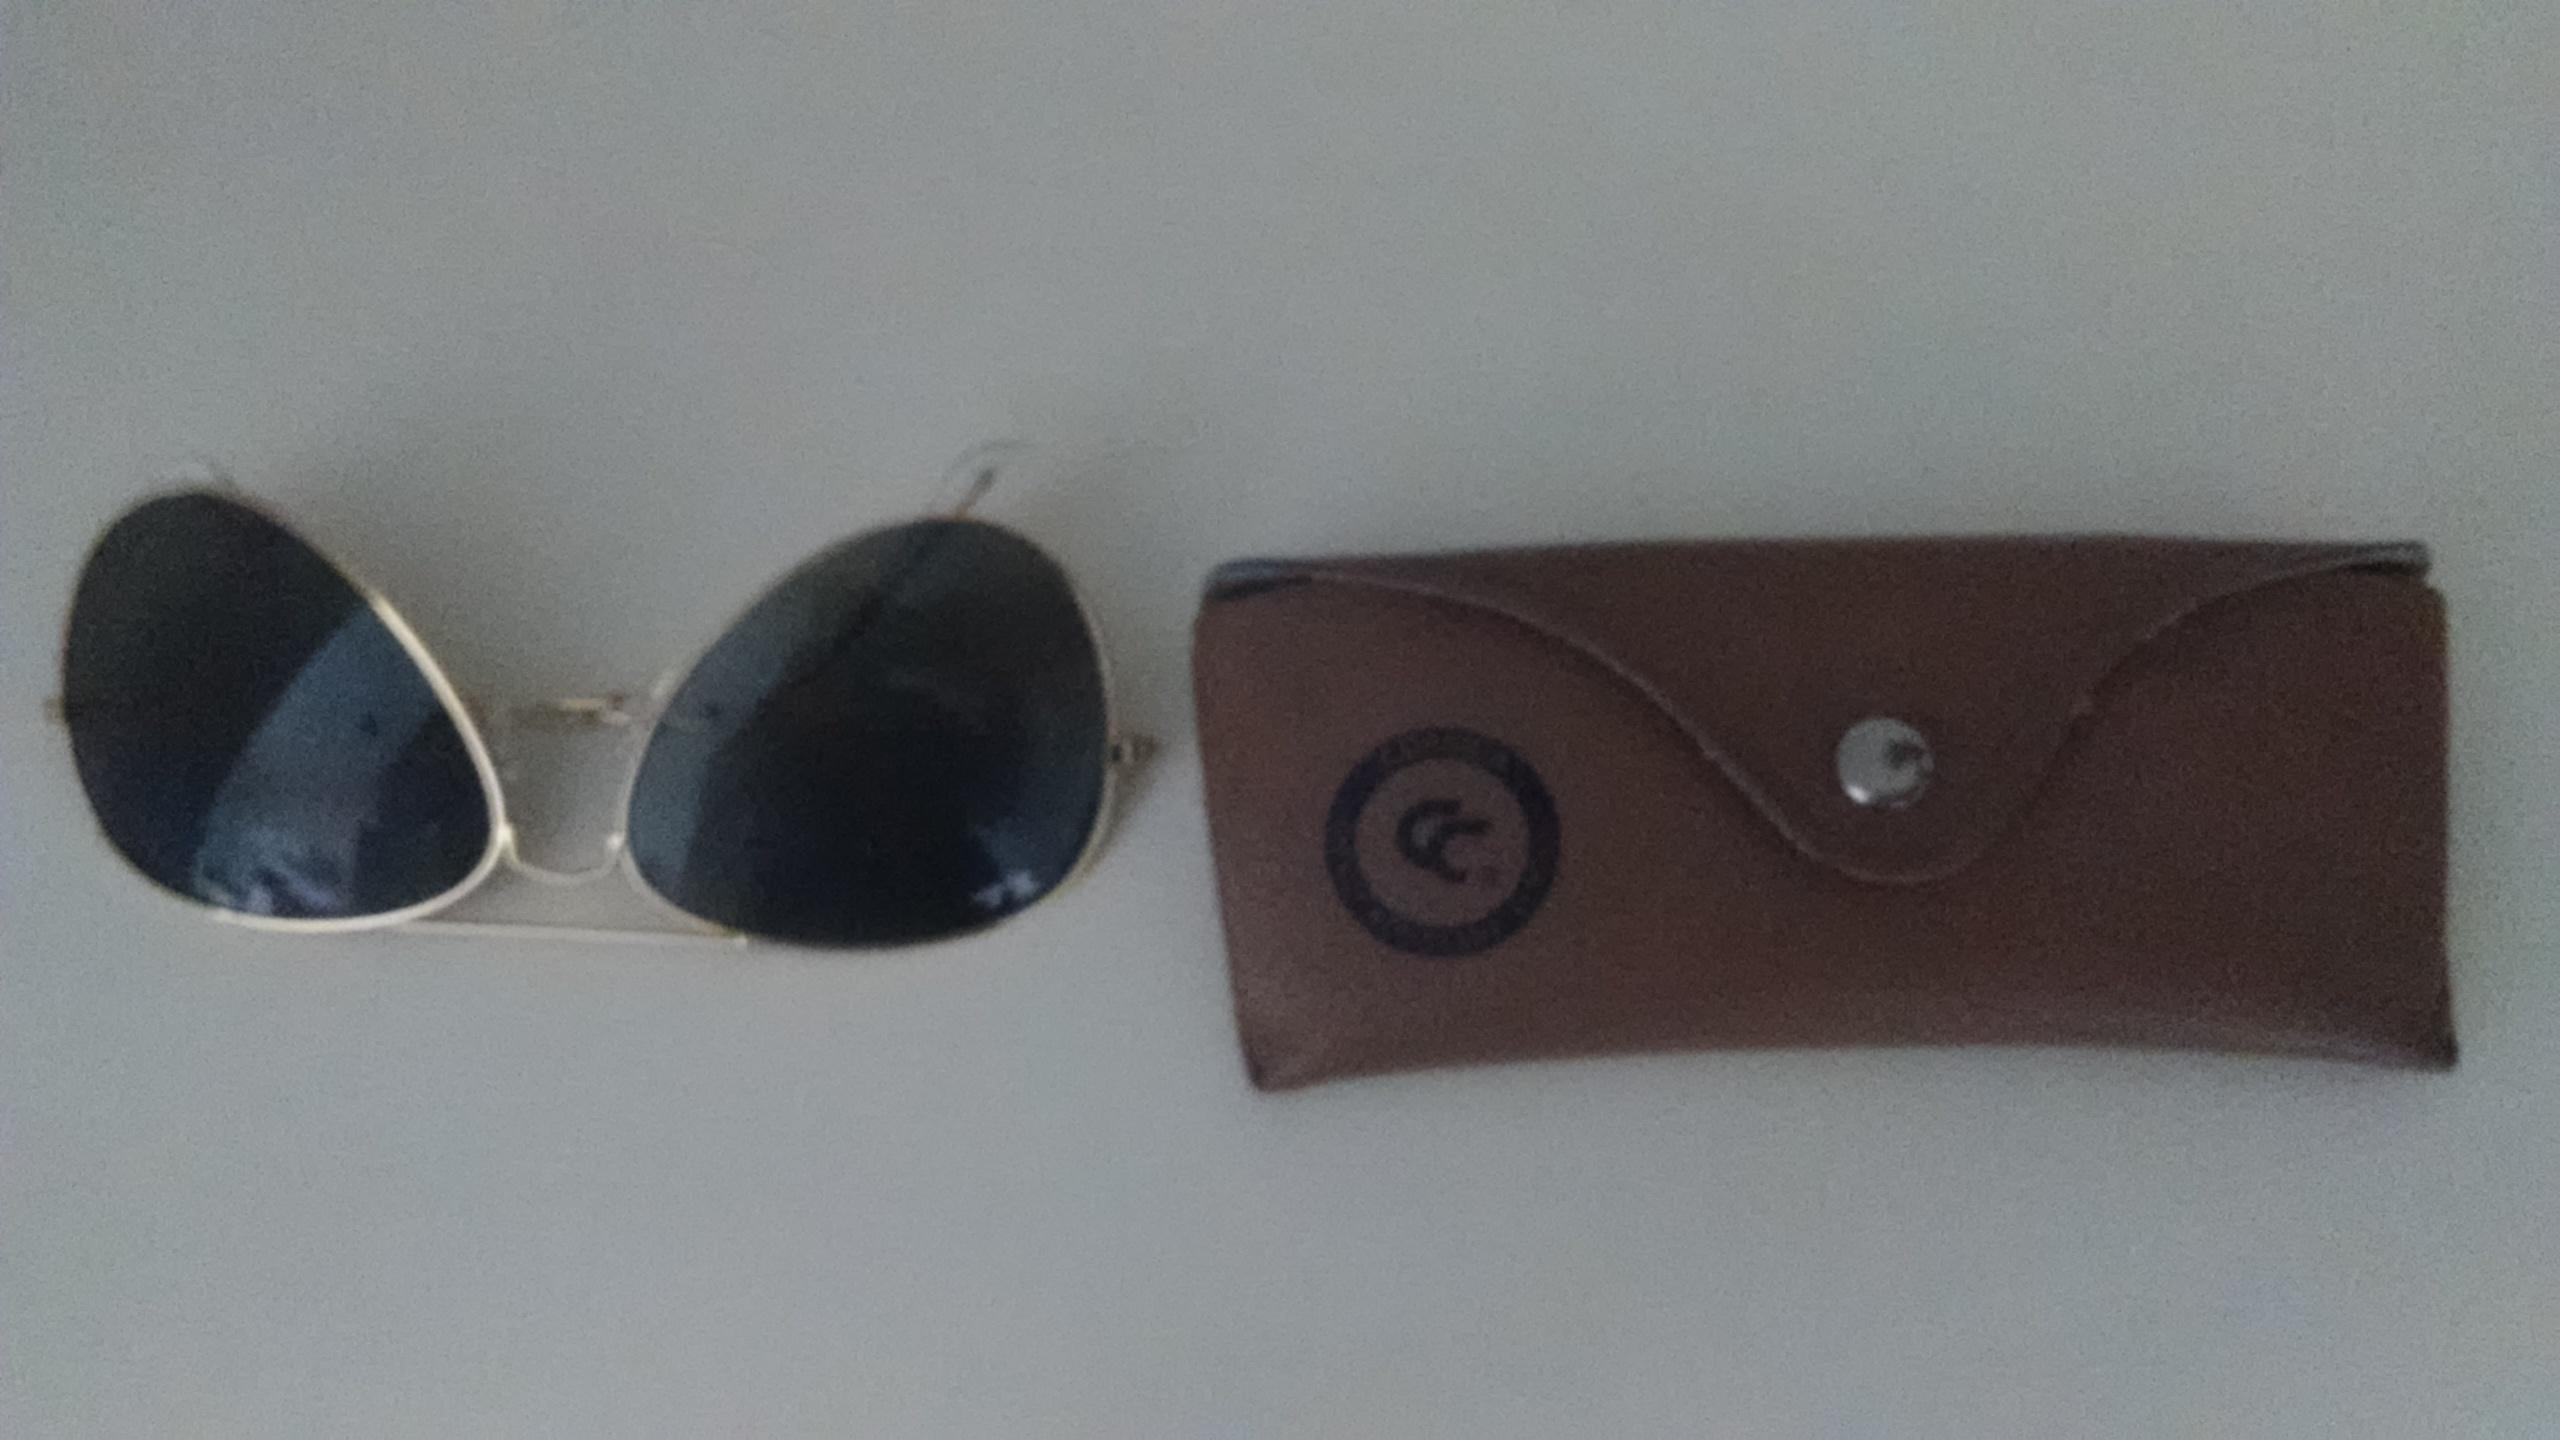 61860e2c4 Londrina-oculos usados a venda 43-98452-9185 - Folha Classificados